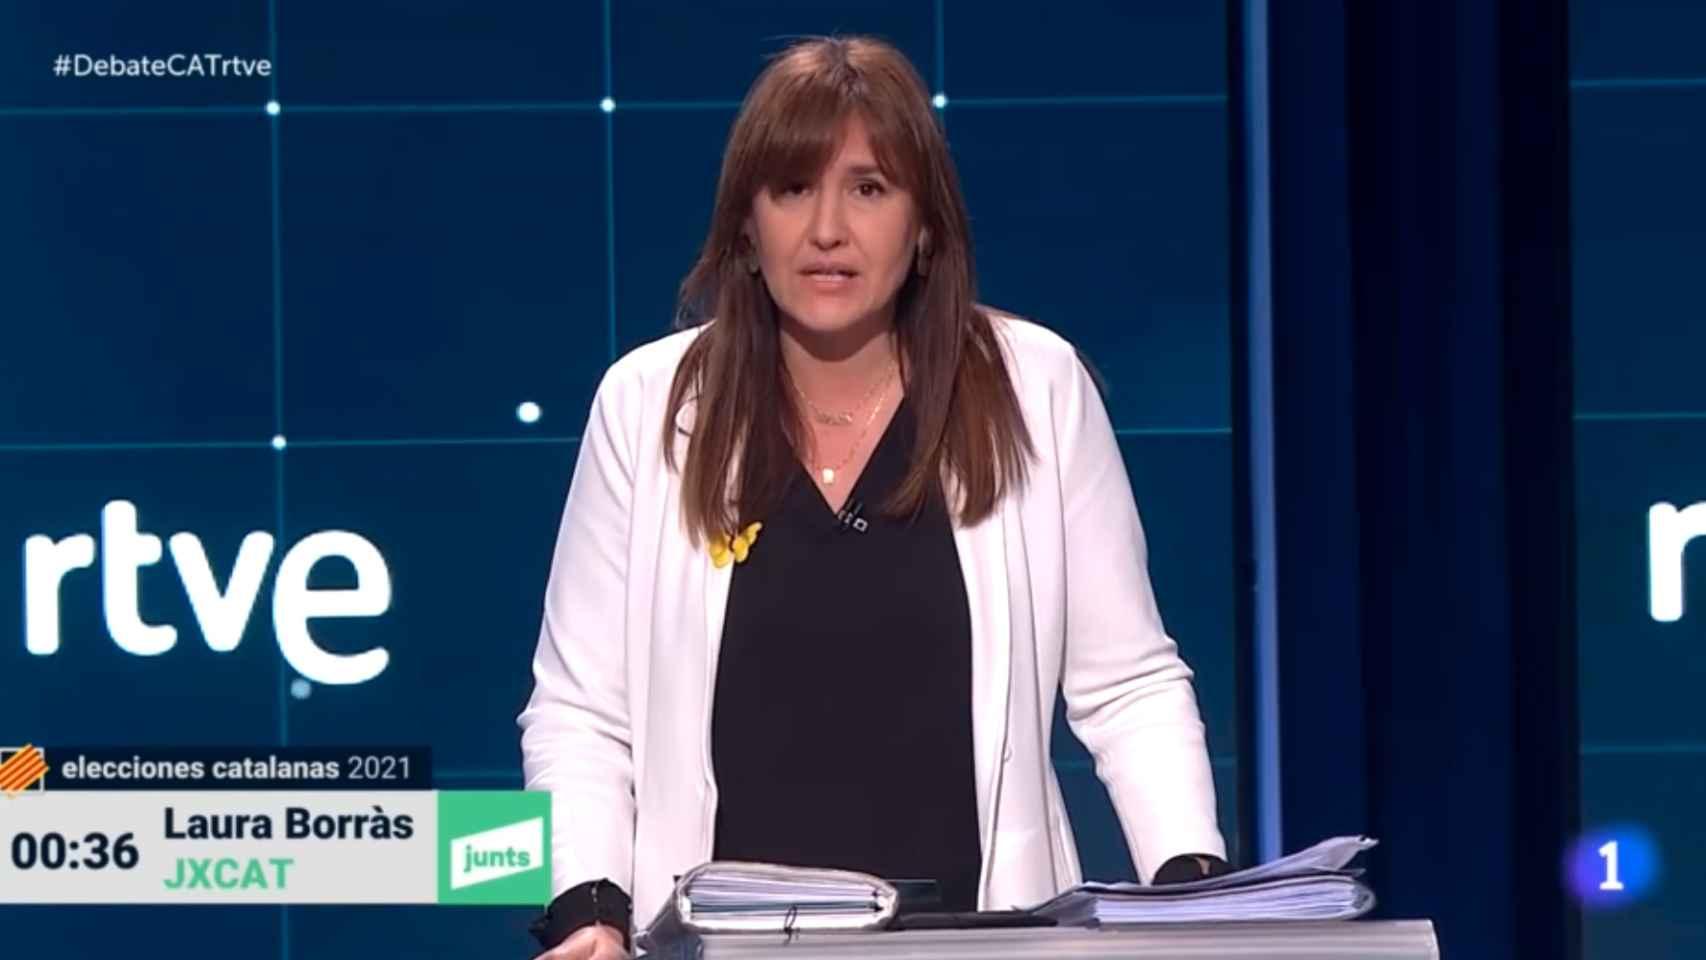 Polémica en TVE por la elección del castellano como idioma del 'Debat' catalán